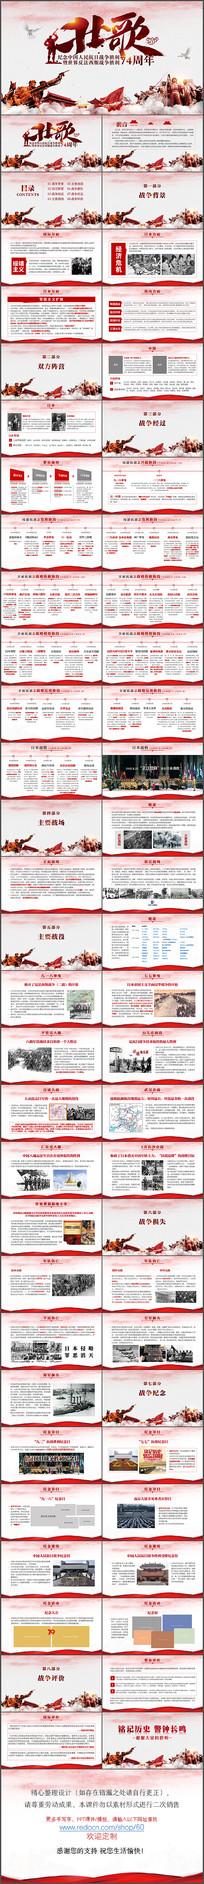 纪念抗日战争胜利74周年PPT课件